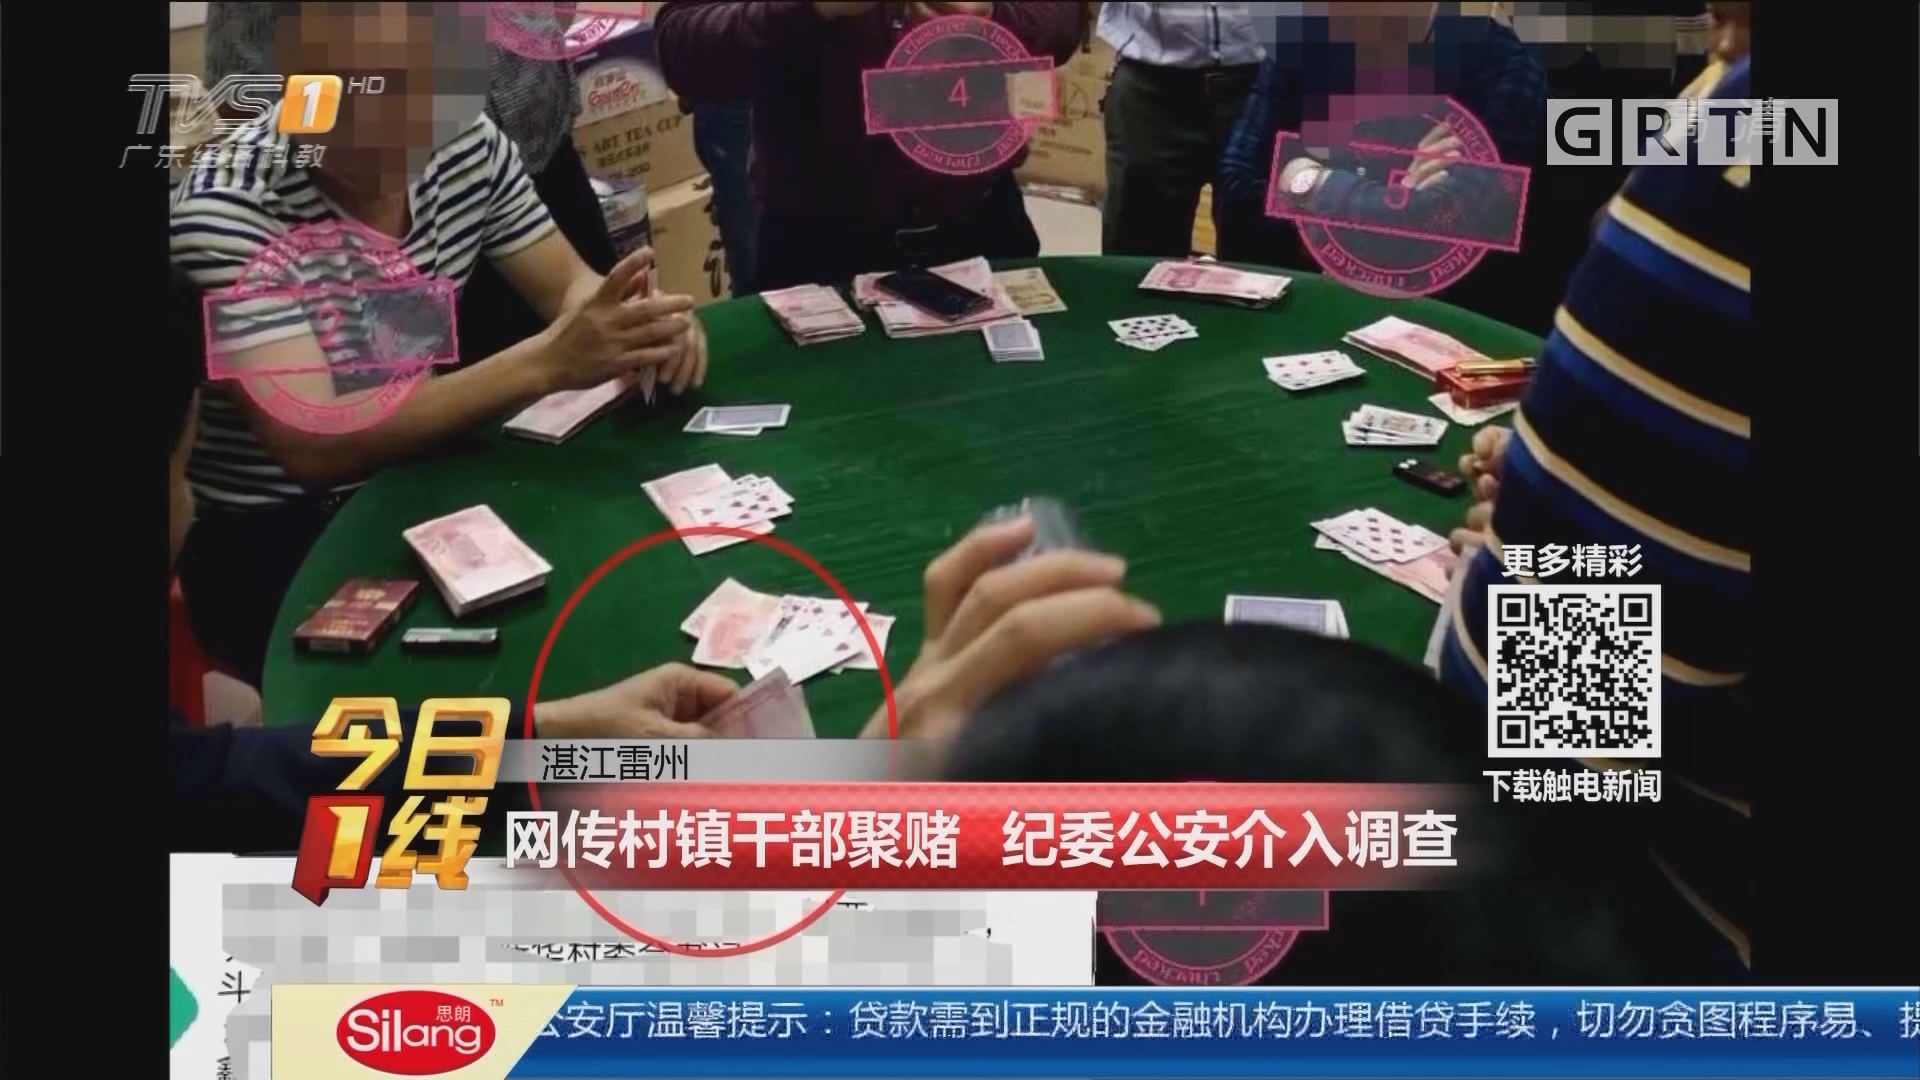 湛江雷州:网传村镇干部聚赌 纪委公安介入调查